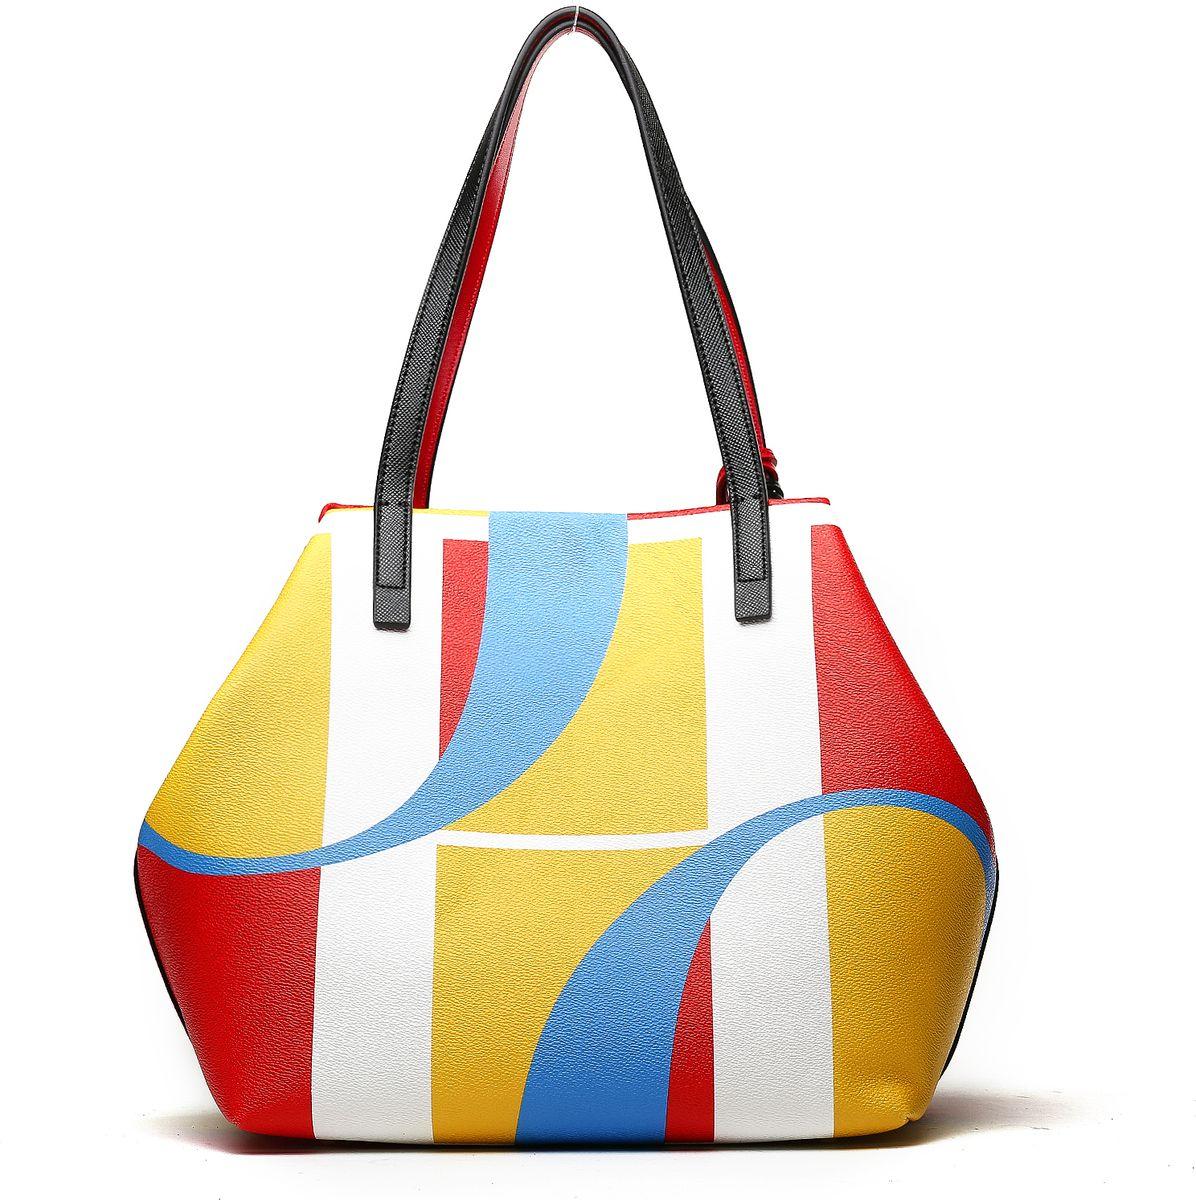 Сумка женская Pola, цвет: красный, желтый, синий. 6100161001Женская сумка Pola с оригинальным ярким рисунком. Выполнена из экокожи. Основное отделение закрывается на магнитную кнопку и дополнительно стягивается по бокам карабином. Внутри расположены один карман на молнии и два открытых кармана. На дне металлические ножки. Высота ручек 21 см. В комплекте съемный брелок в виде кисти и сердца. Цвет фурнитуры- золото.